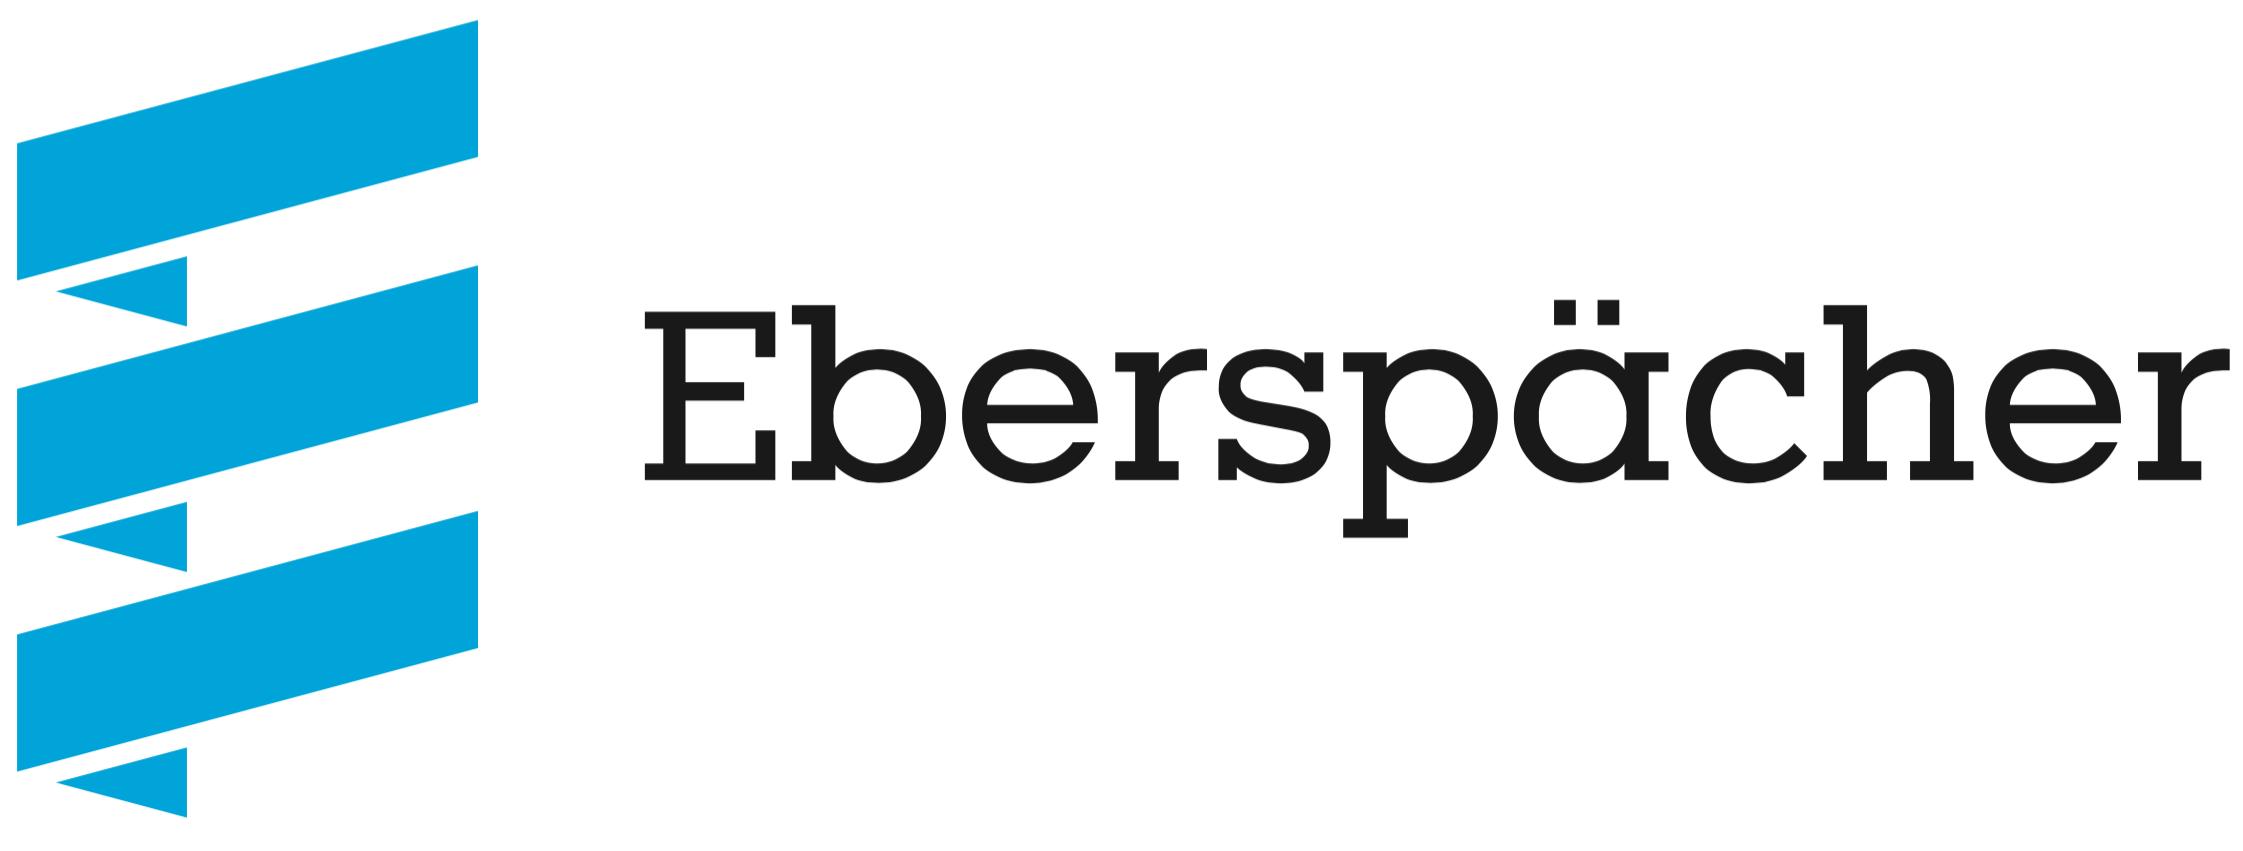 Afbeeldingsresultaat voor eberspacher logo